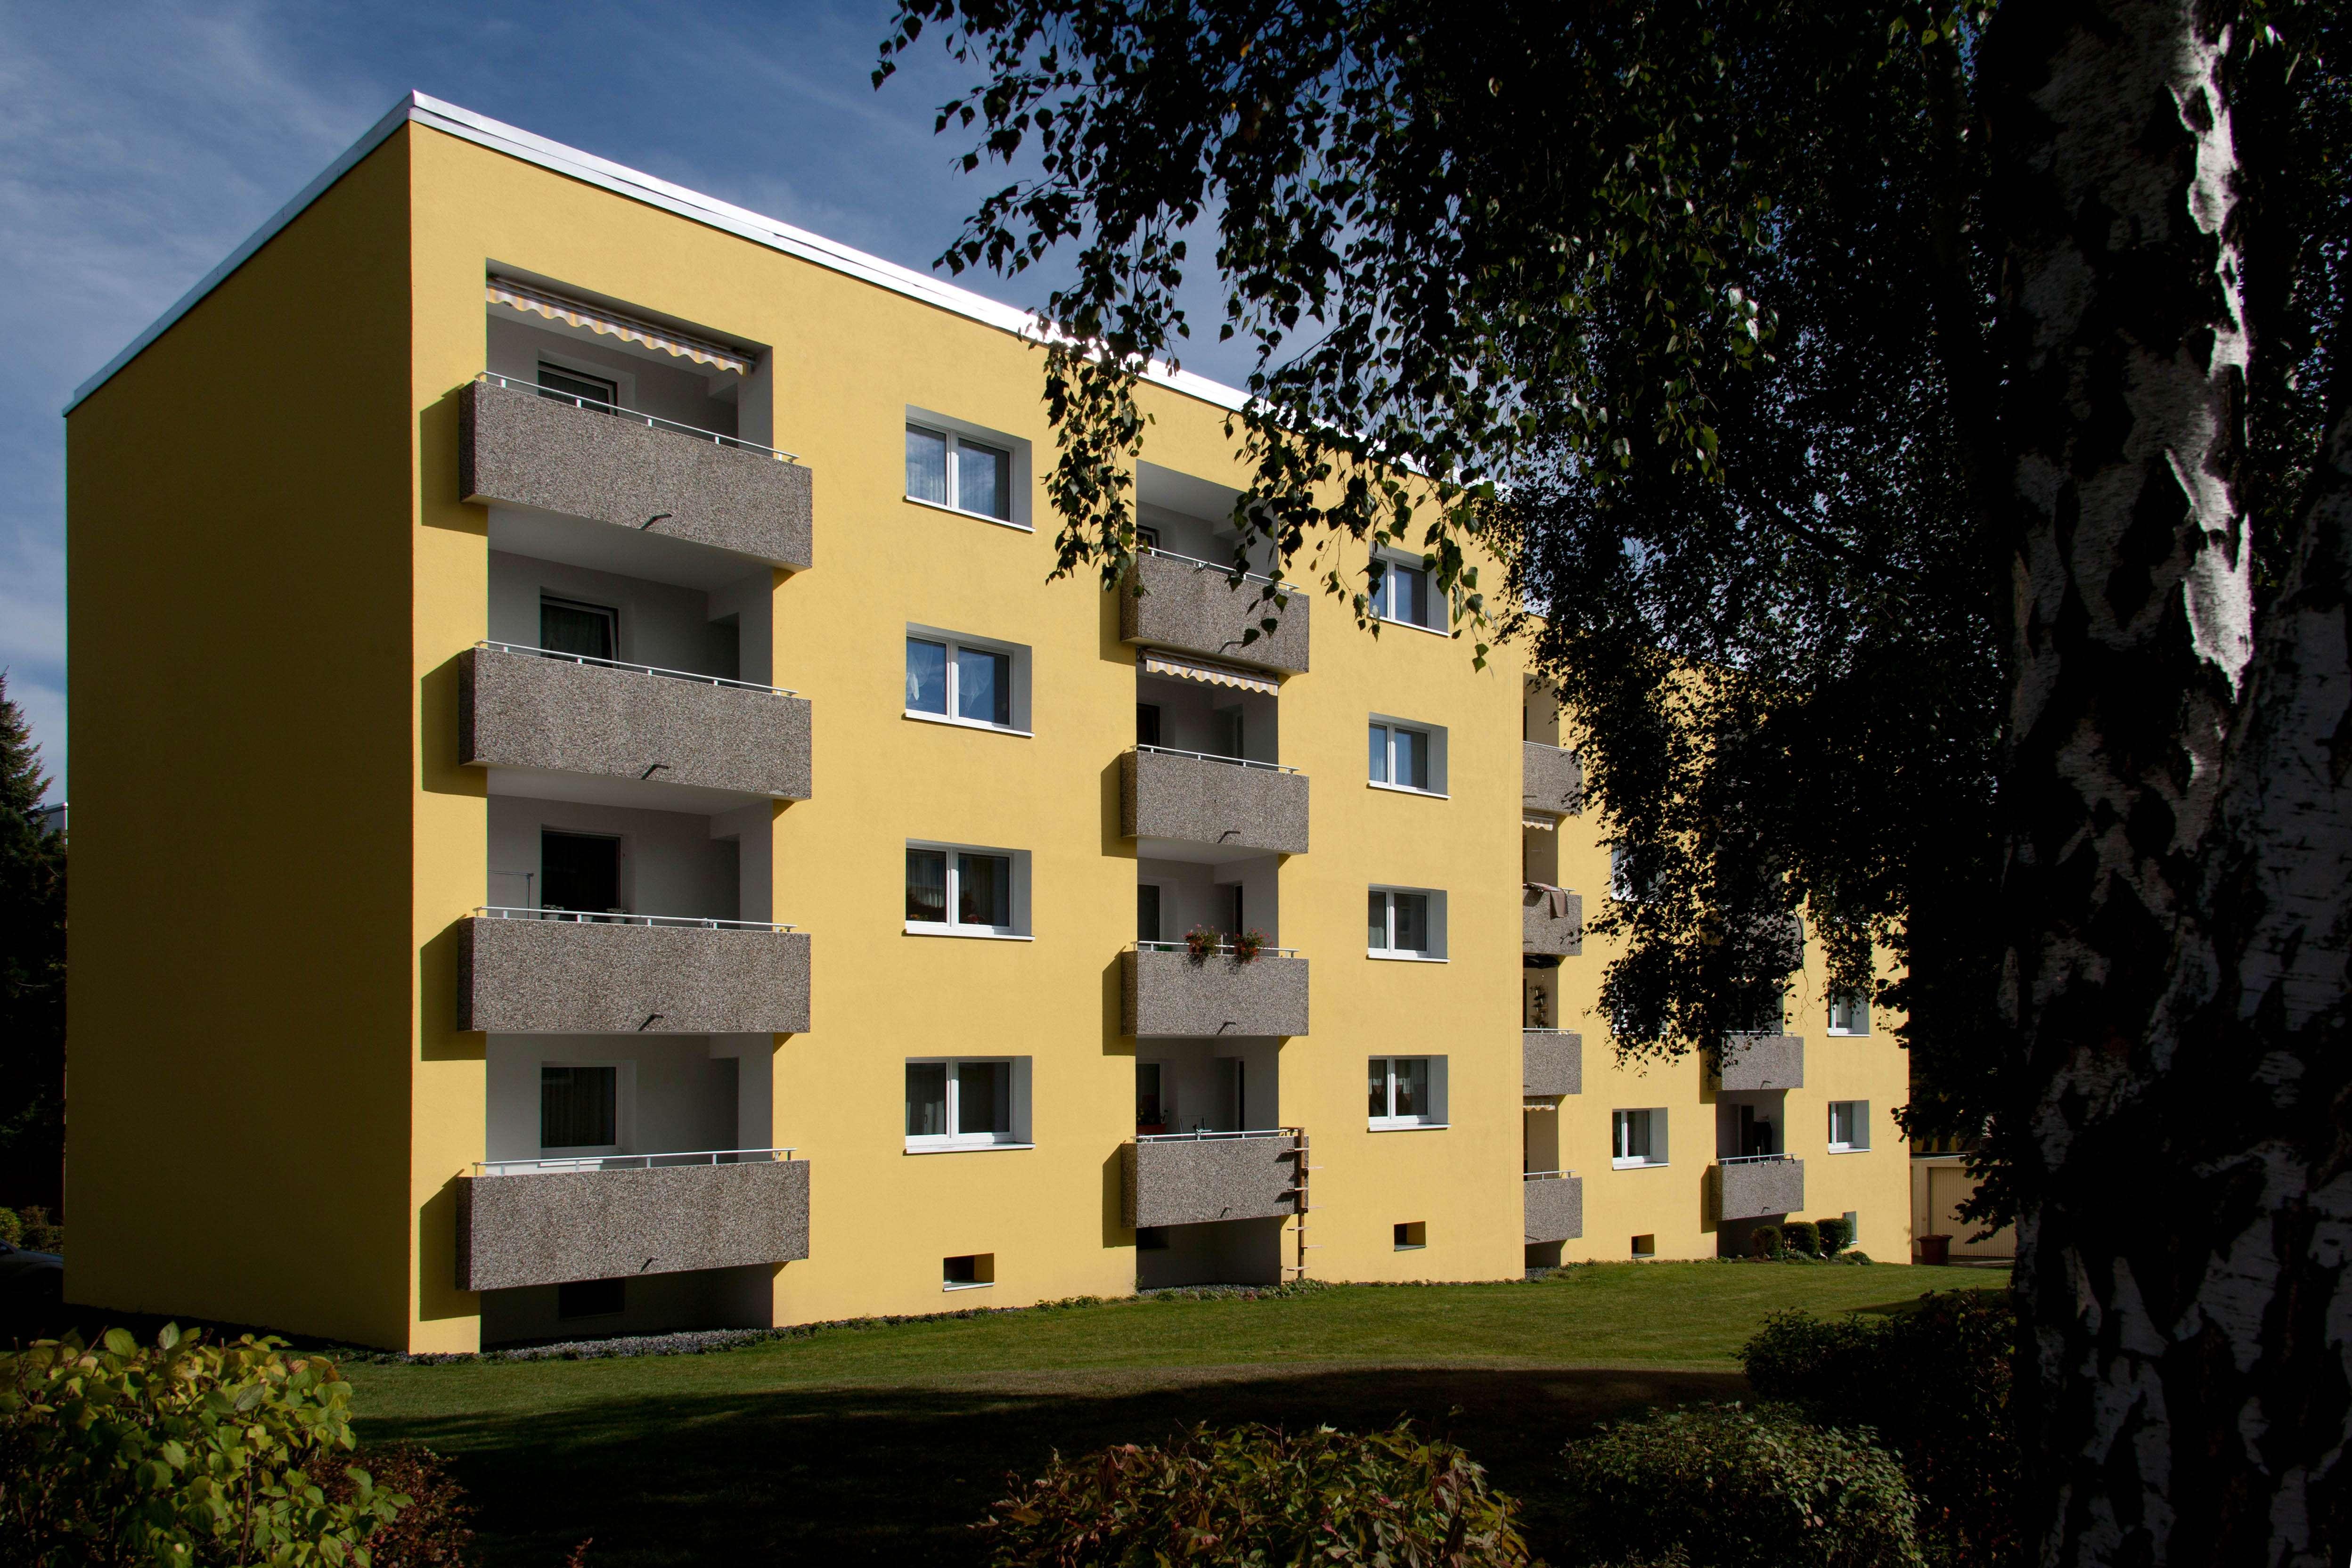 Renovierte Wohnung in ruhiger Stadtrandlage in Hof-Innenstadt